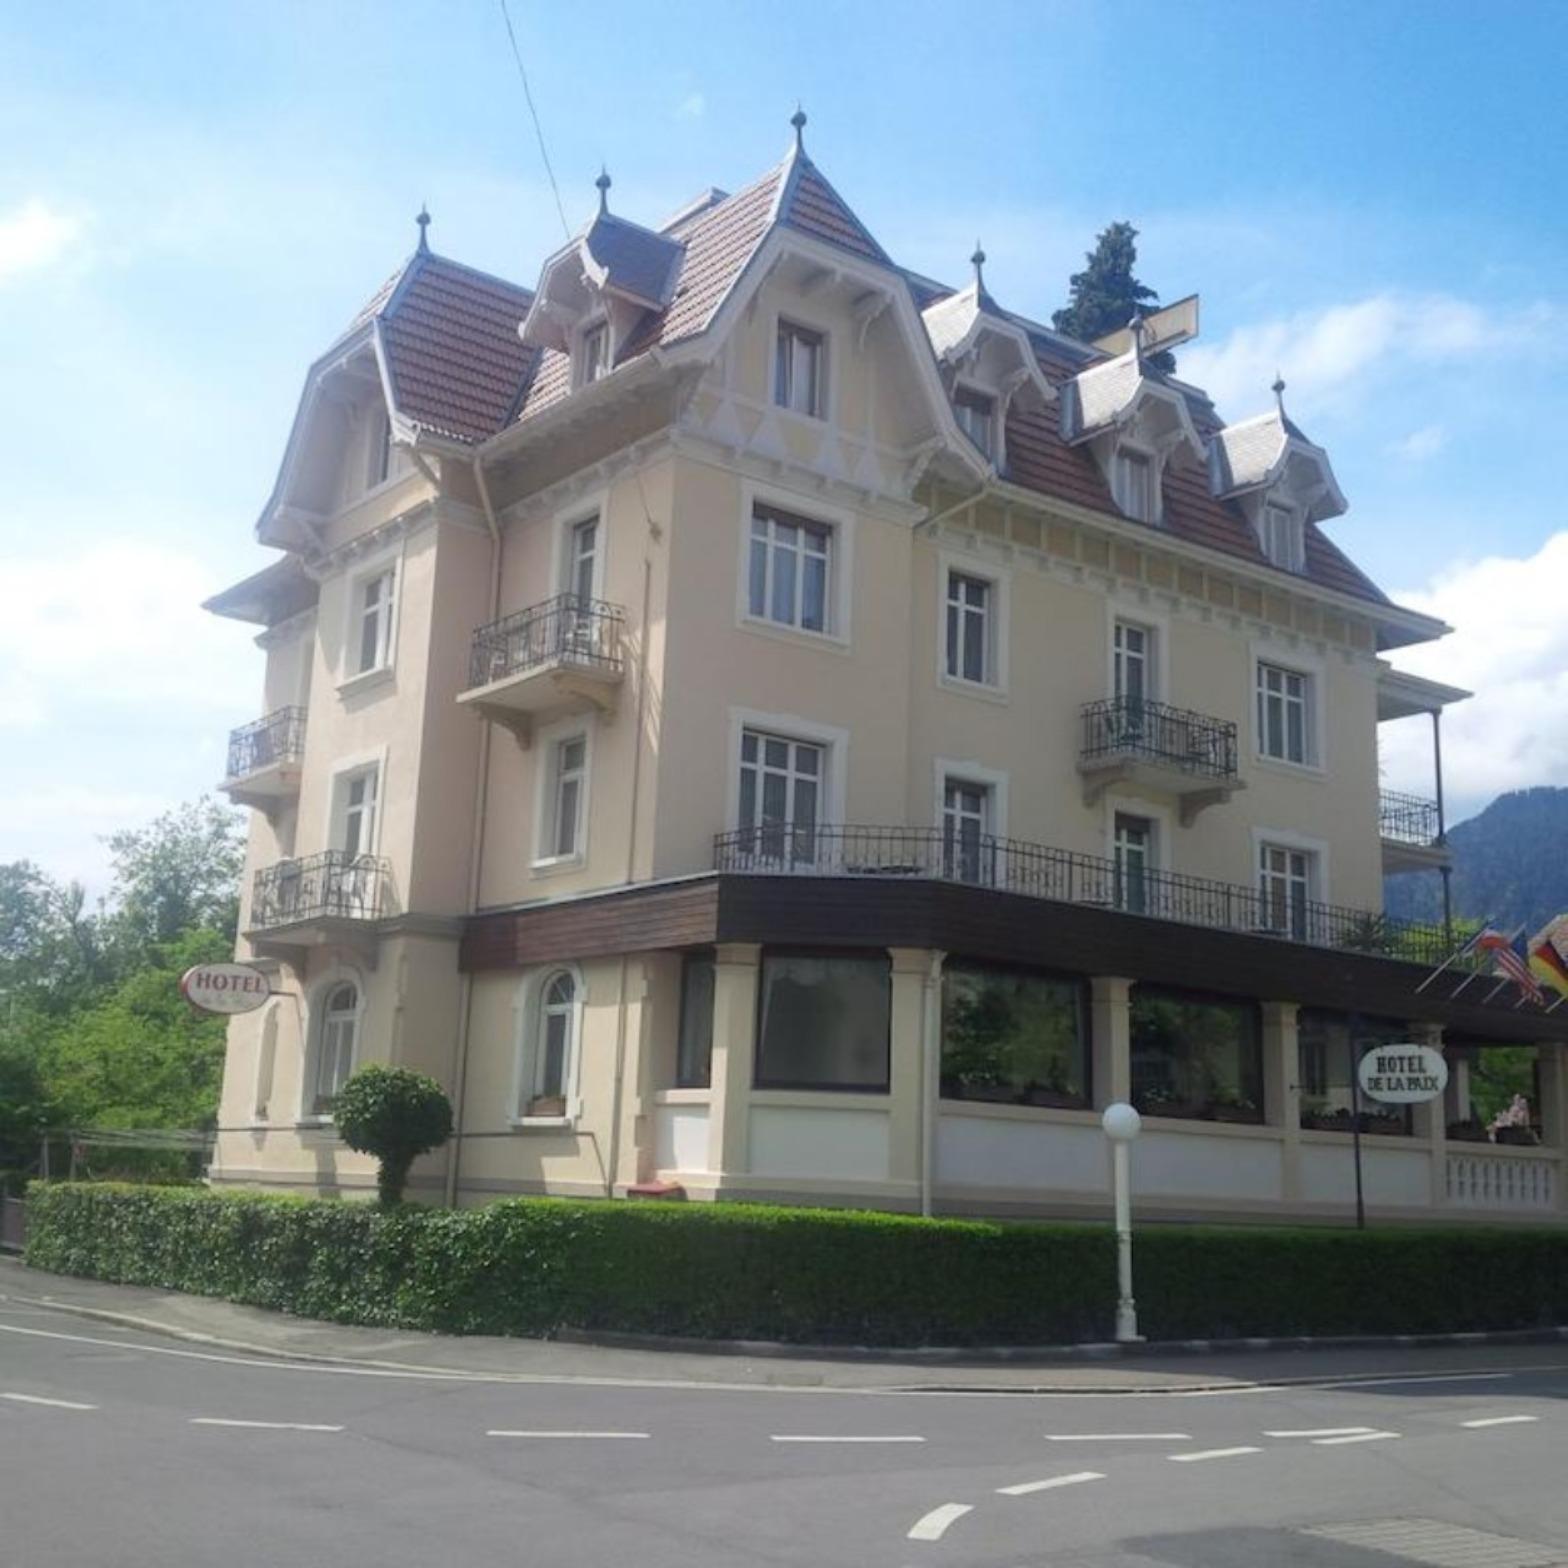 A large building at Hotel de la Paix.